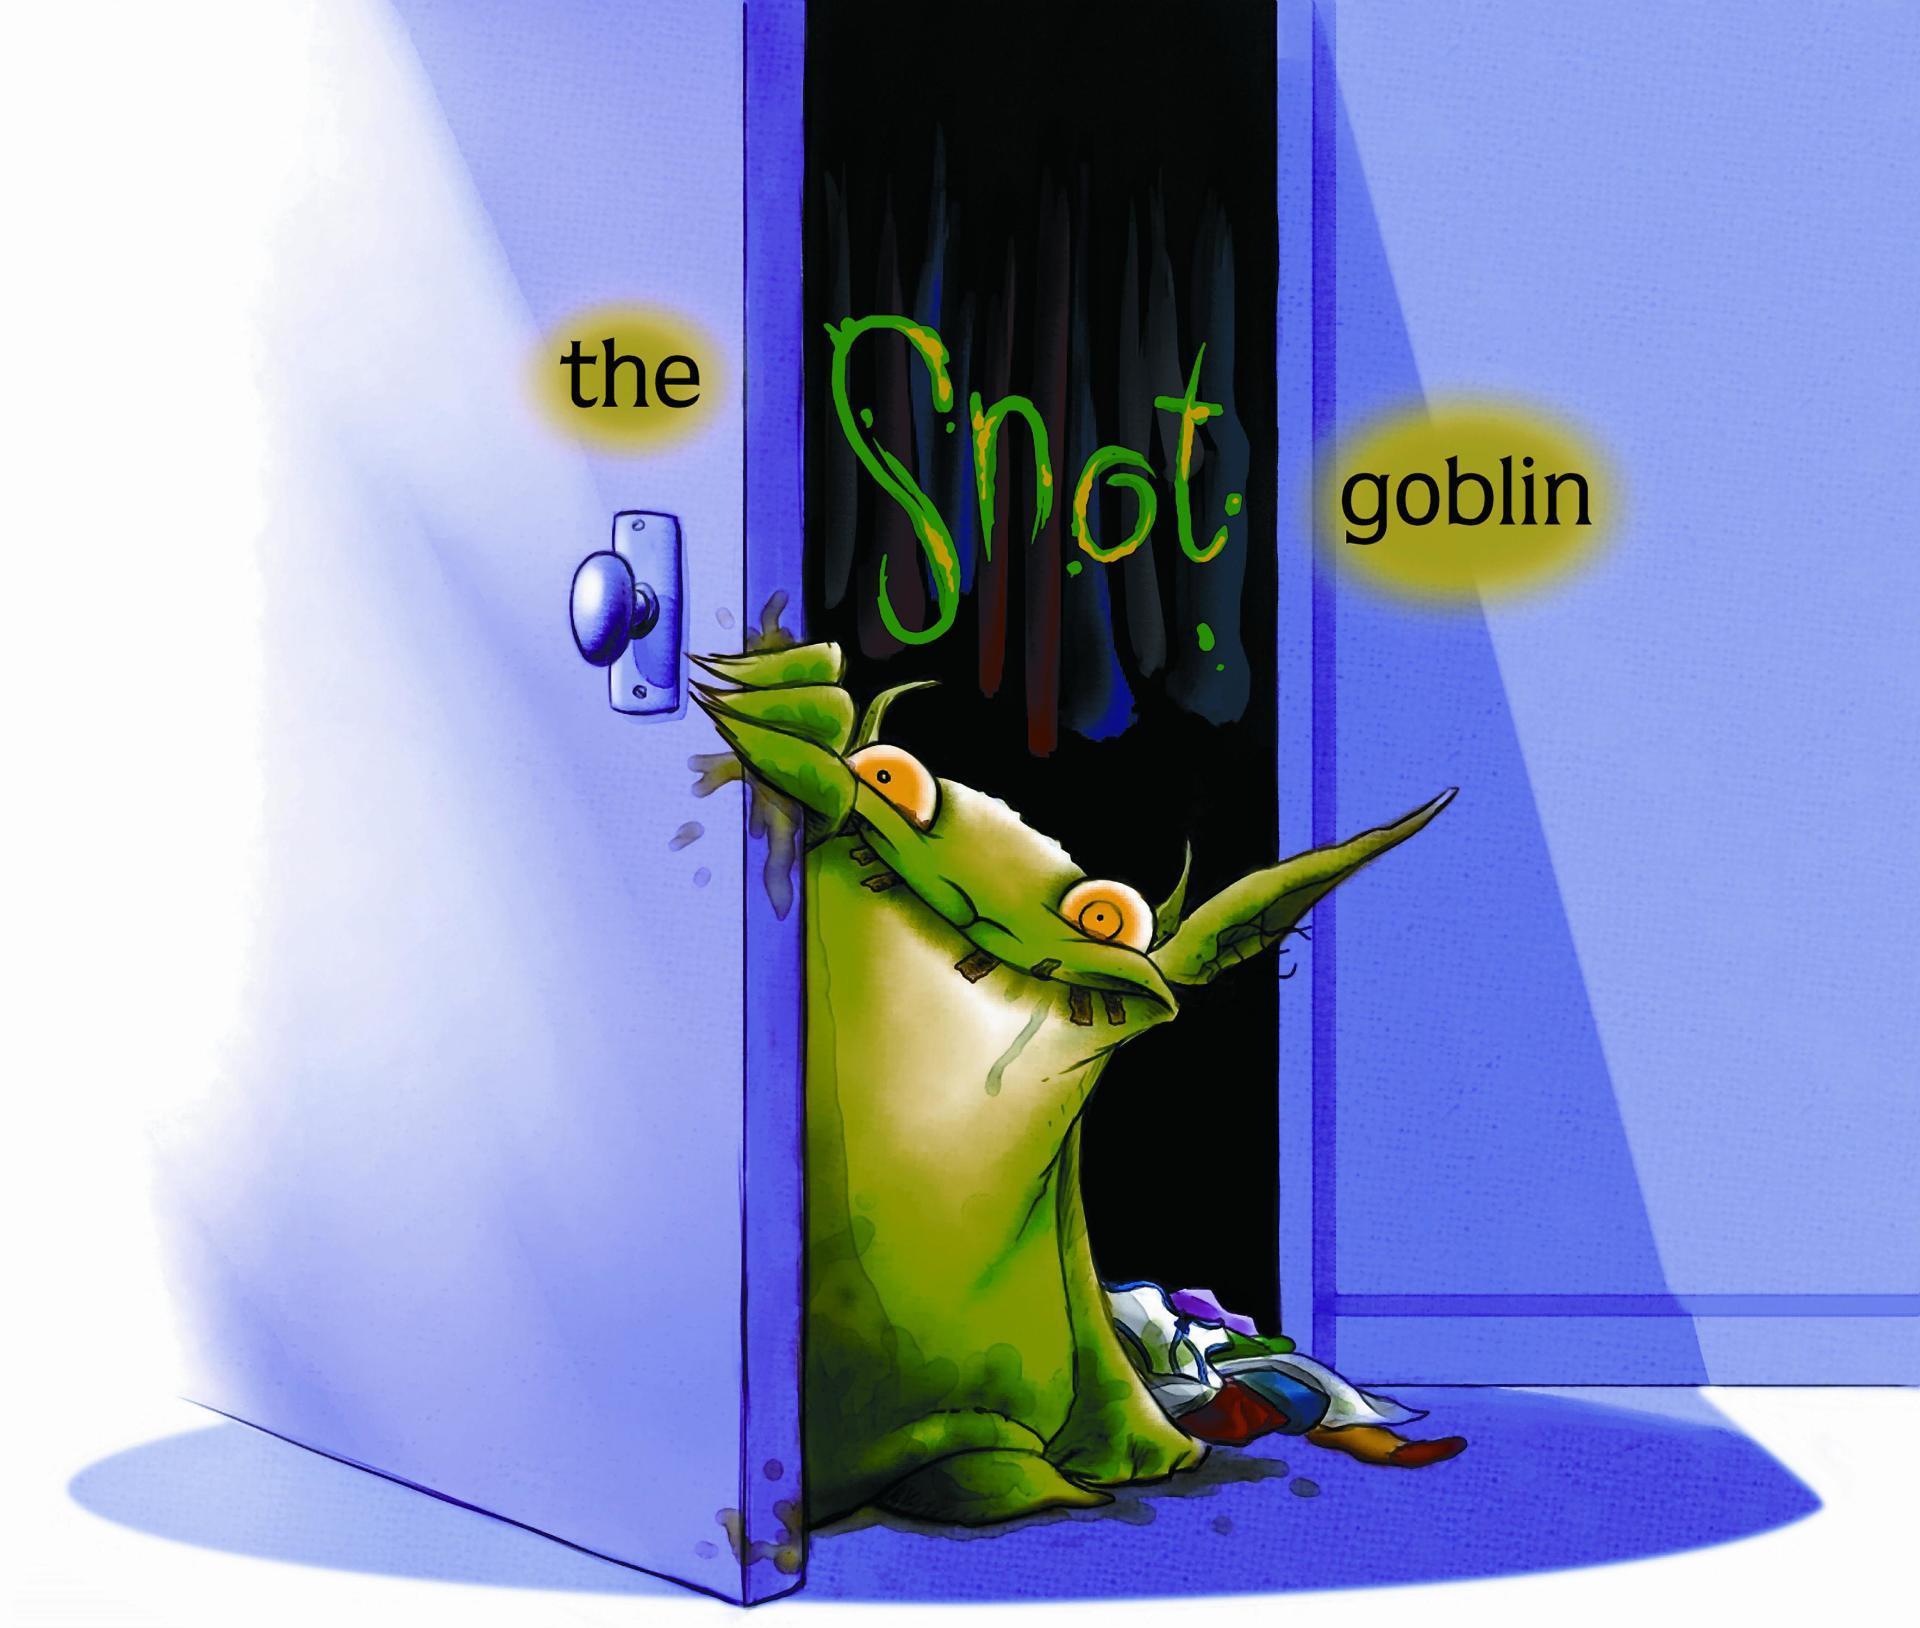 The Snotgoblin